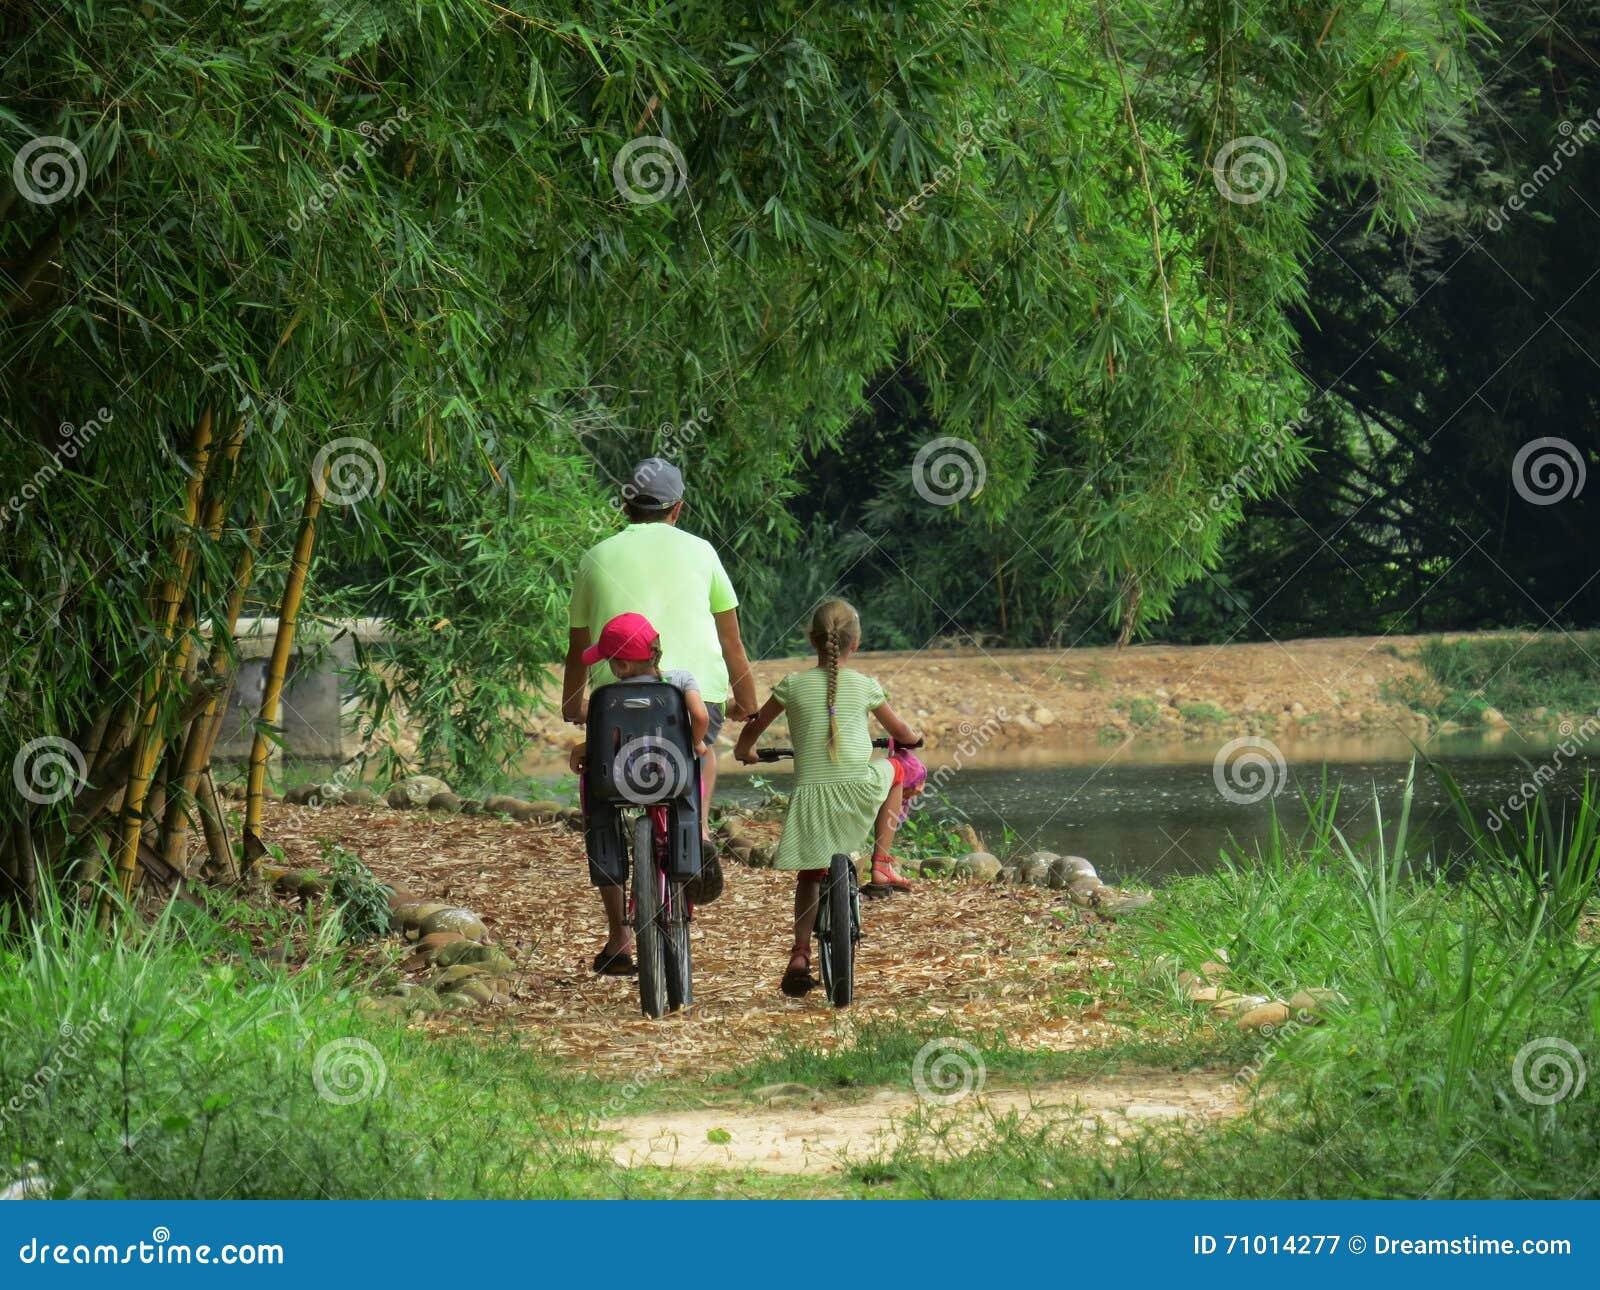 Οικογενειακοί γύροι στο πάρκο ποδηλάτων